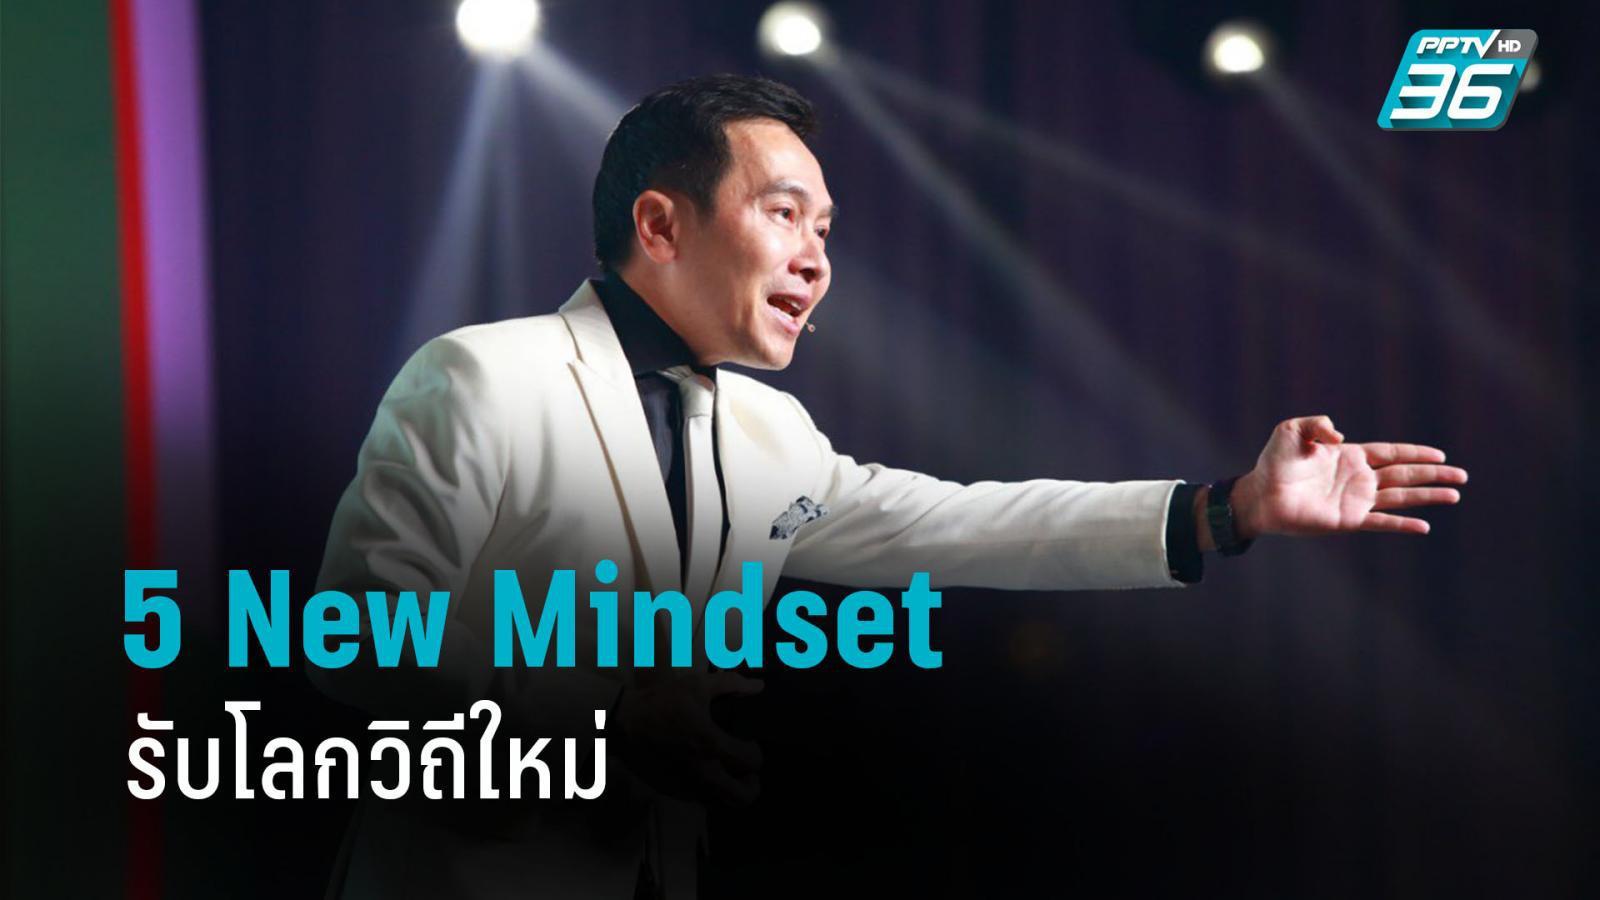 ถอดรหัส 5 New Mindset รับโลกวิถีใหม่